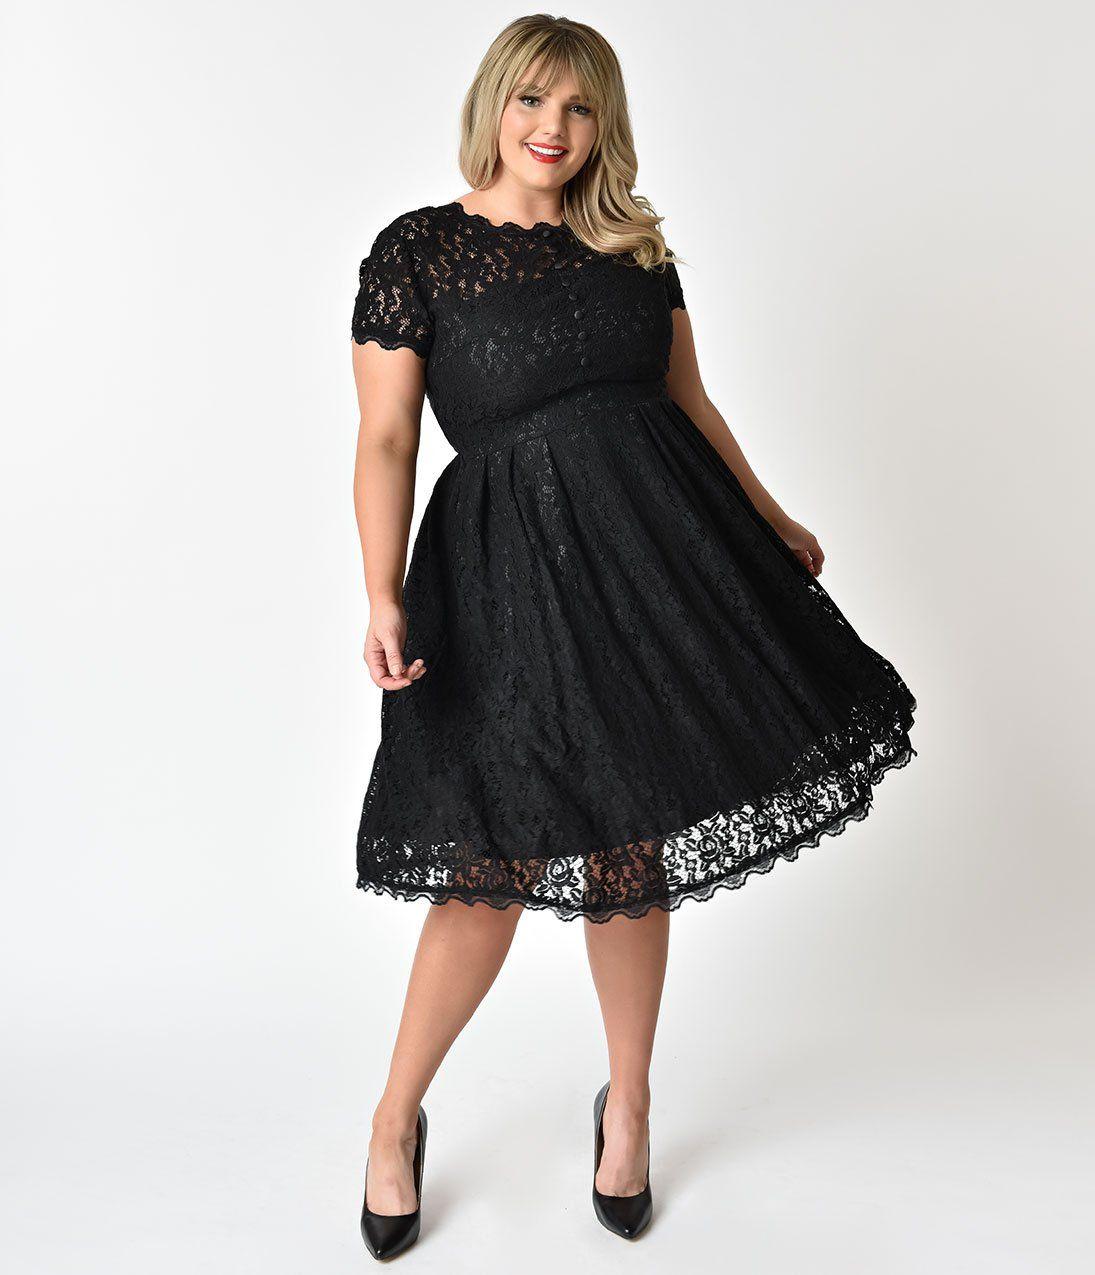 Plus Size Vintage Dresses Swing Pencil Dresses Page 2 Unique Vintage Plus Size Formal Dresses Plus Size Vintage Dresses Pattern Dress Women [ 1275 x 1095 Pixel ]